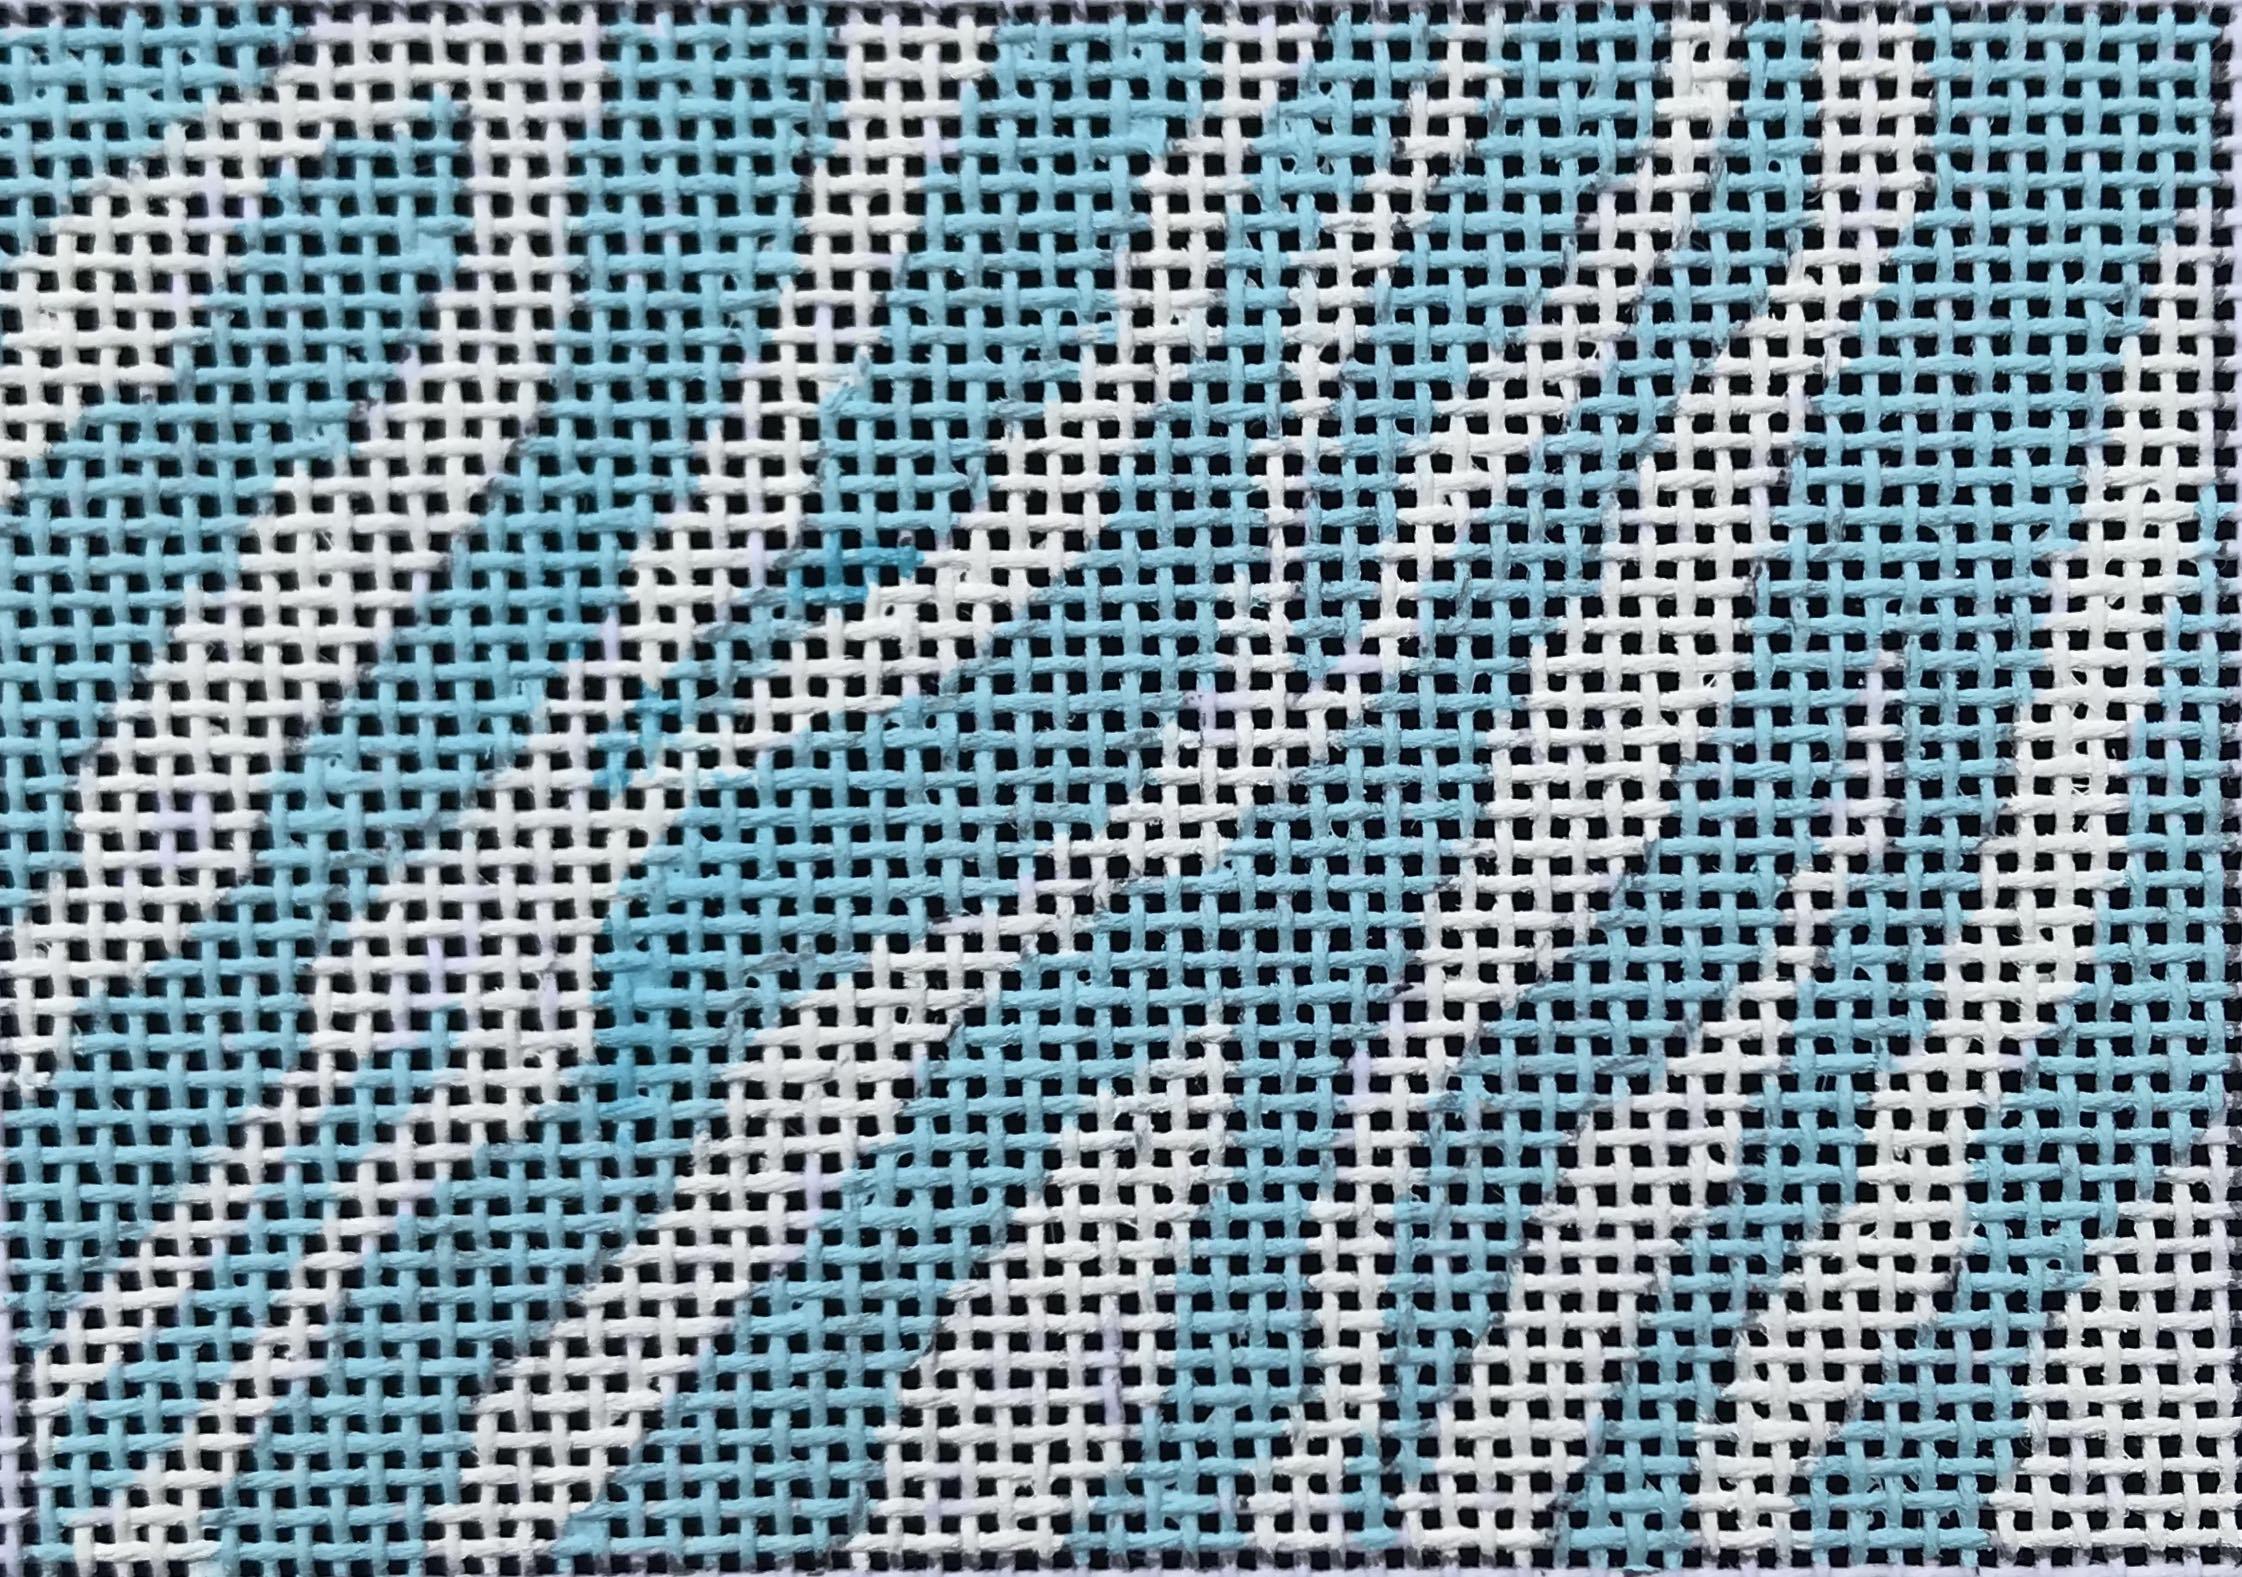 696 3x2 Zebra insert